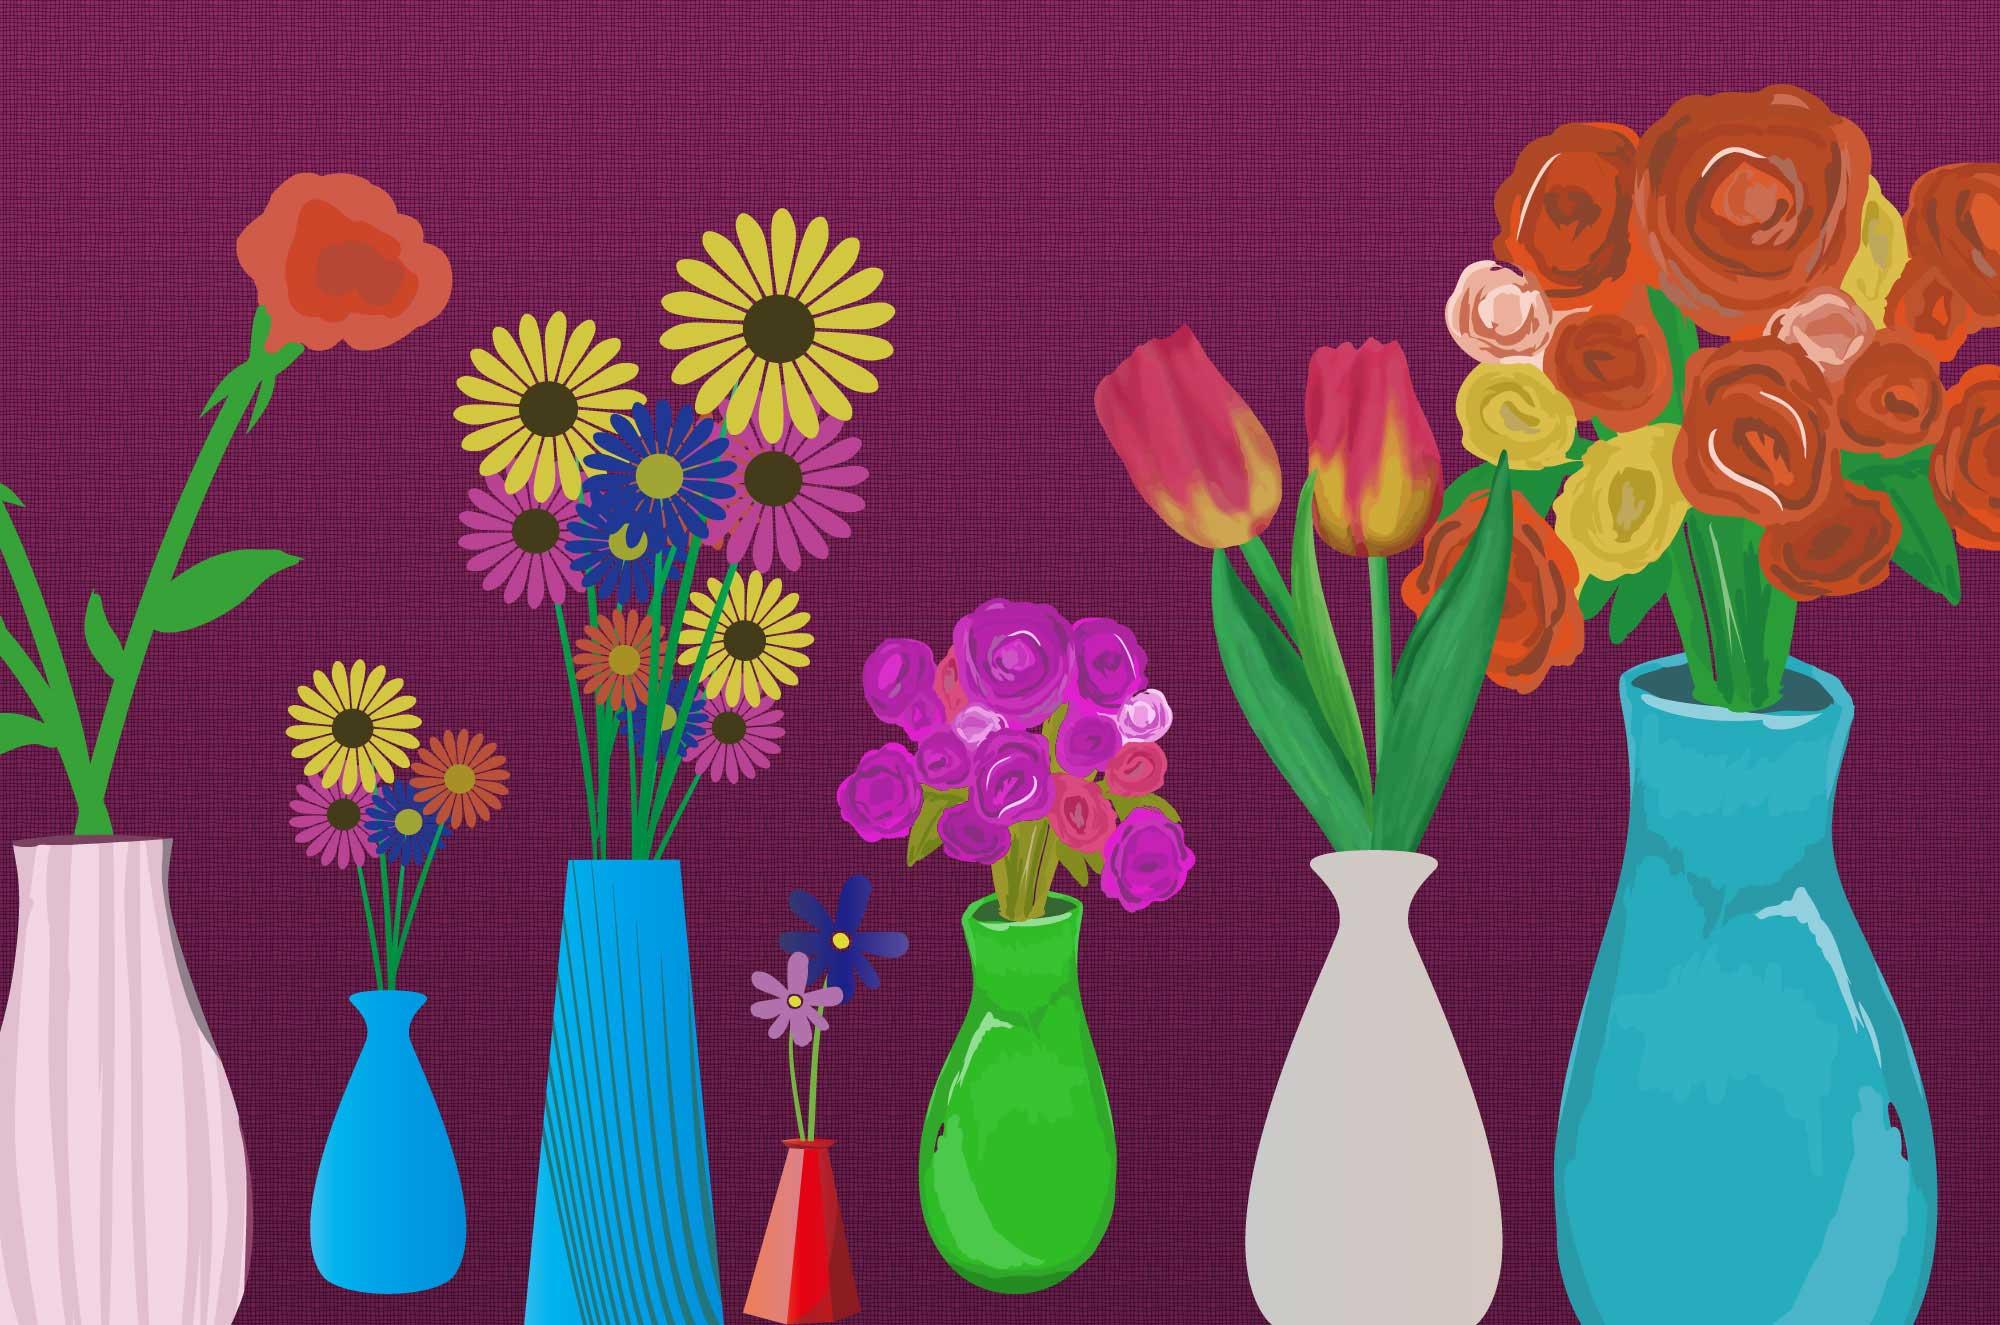 おしゃれな花瓶のイラスト - 無料の可愛いお花素材集